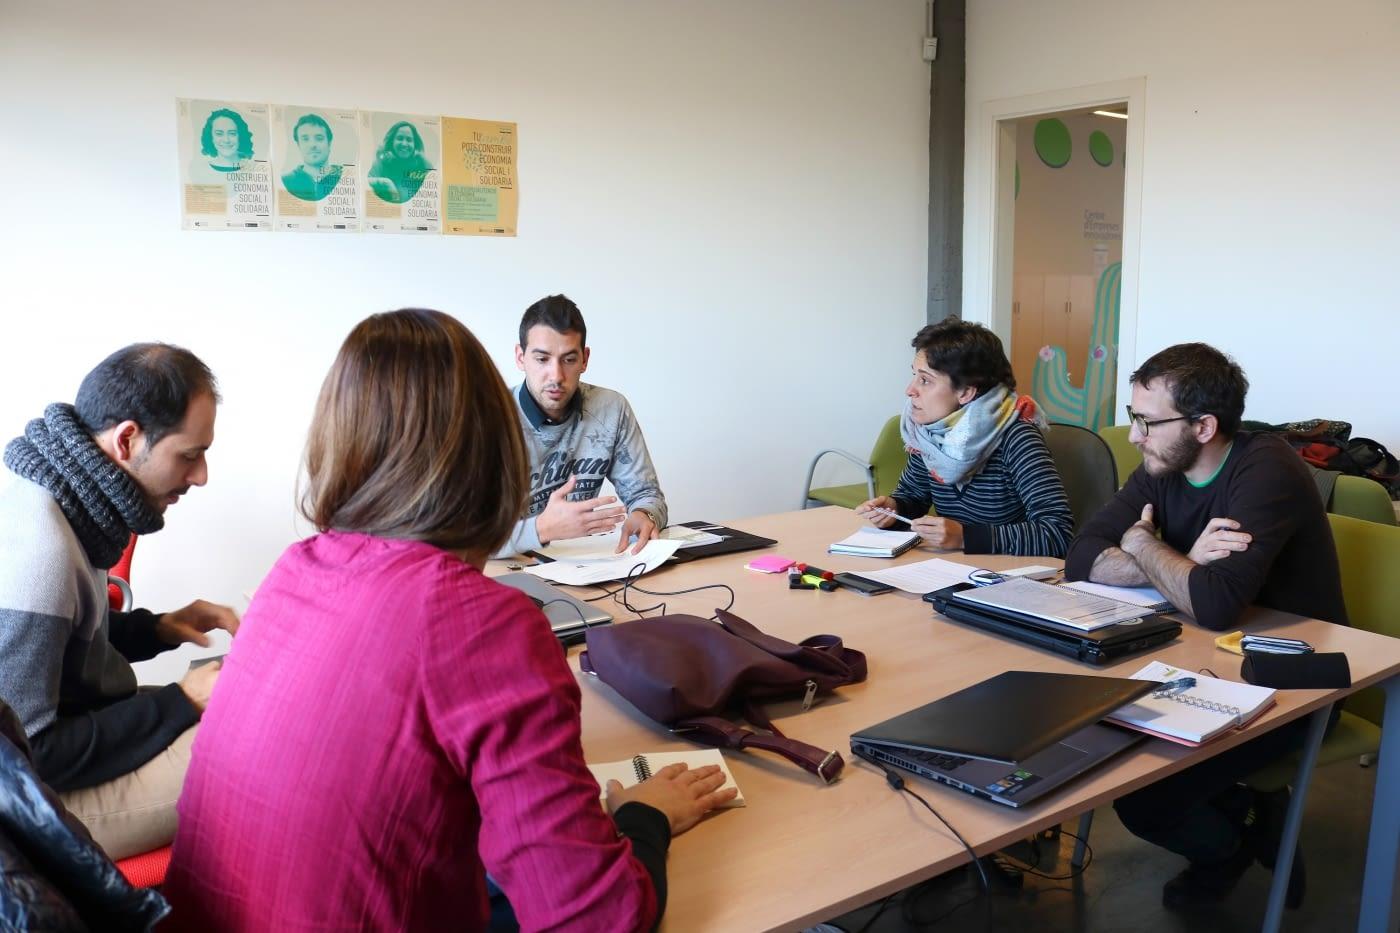 Ens reunim amb l'Associació Leader de Ponent per treballar en un projecte conjunt